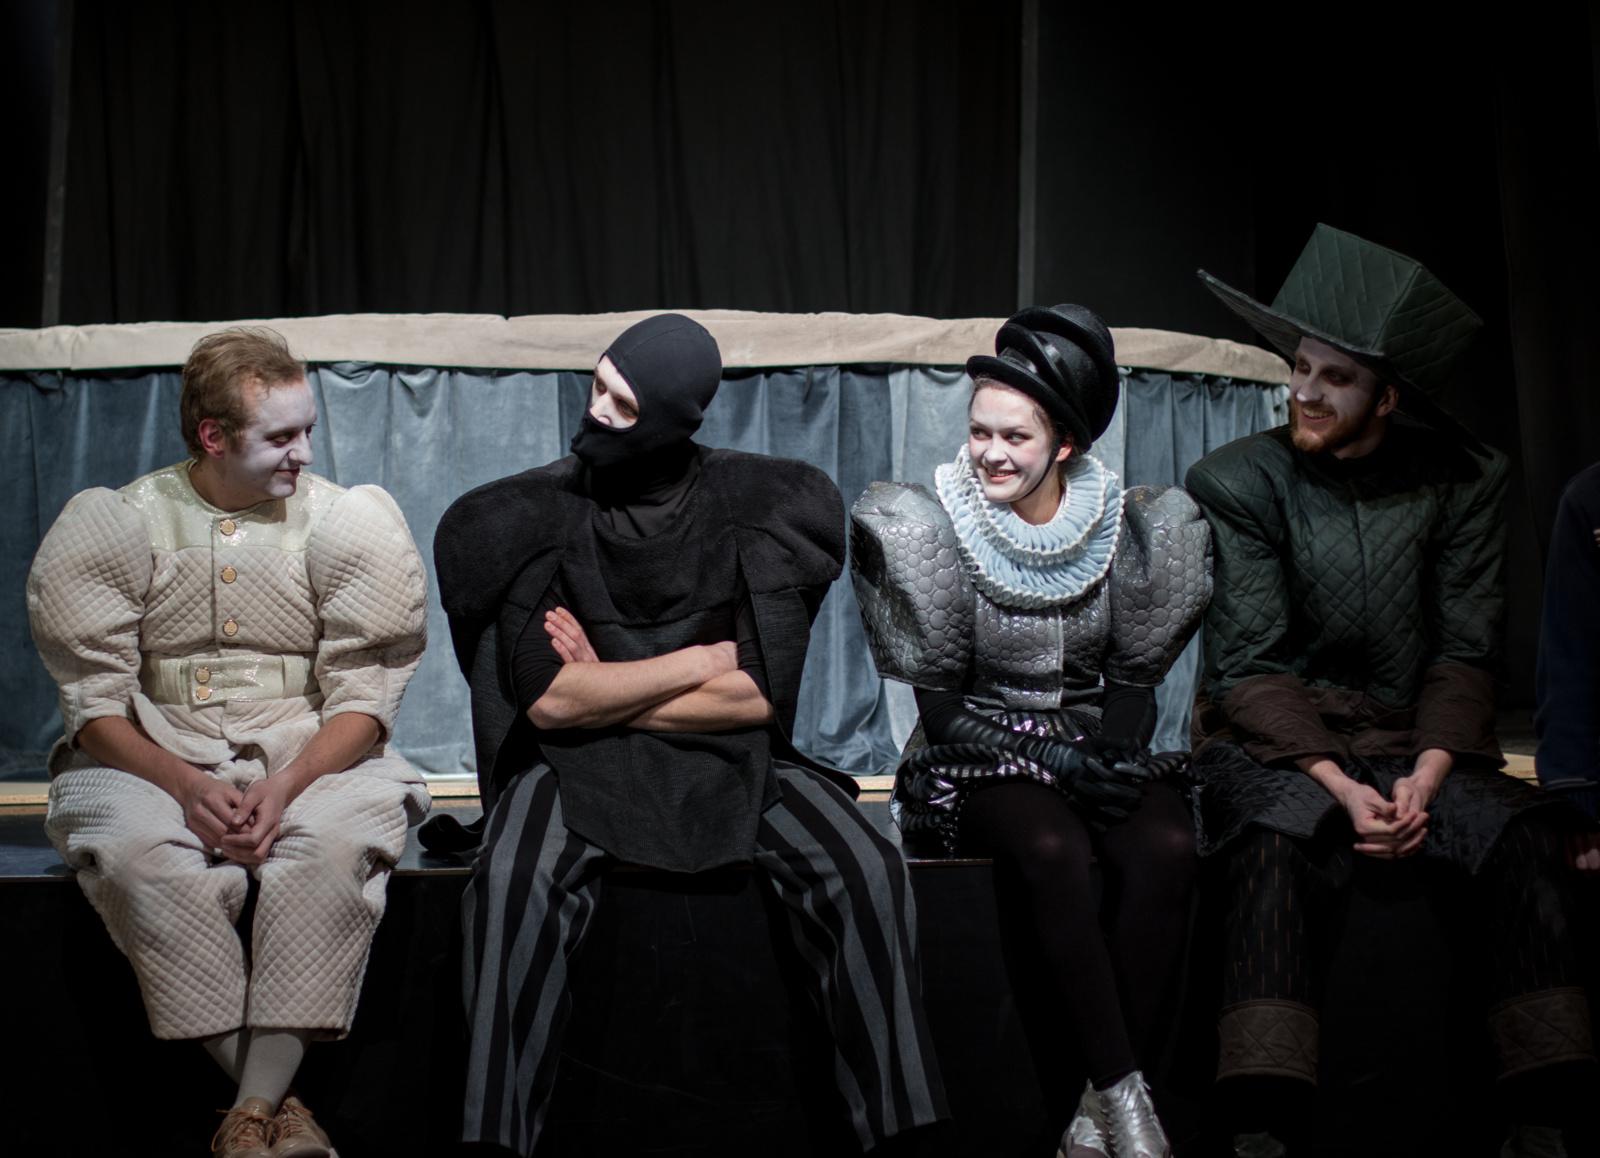 Ant batuto – stebuklinga ir magiška barono Lamberto atjaunėjimo istorija